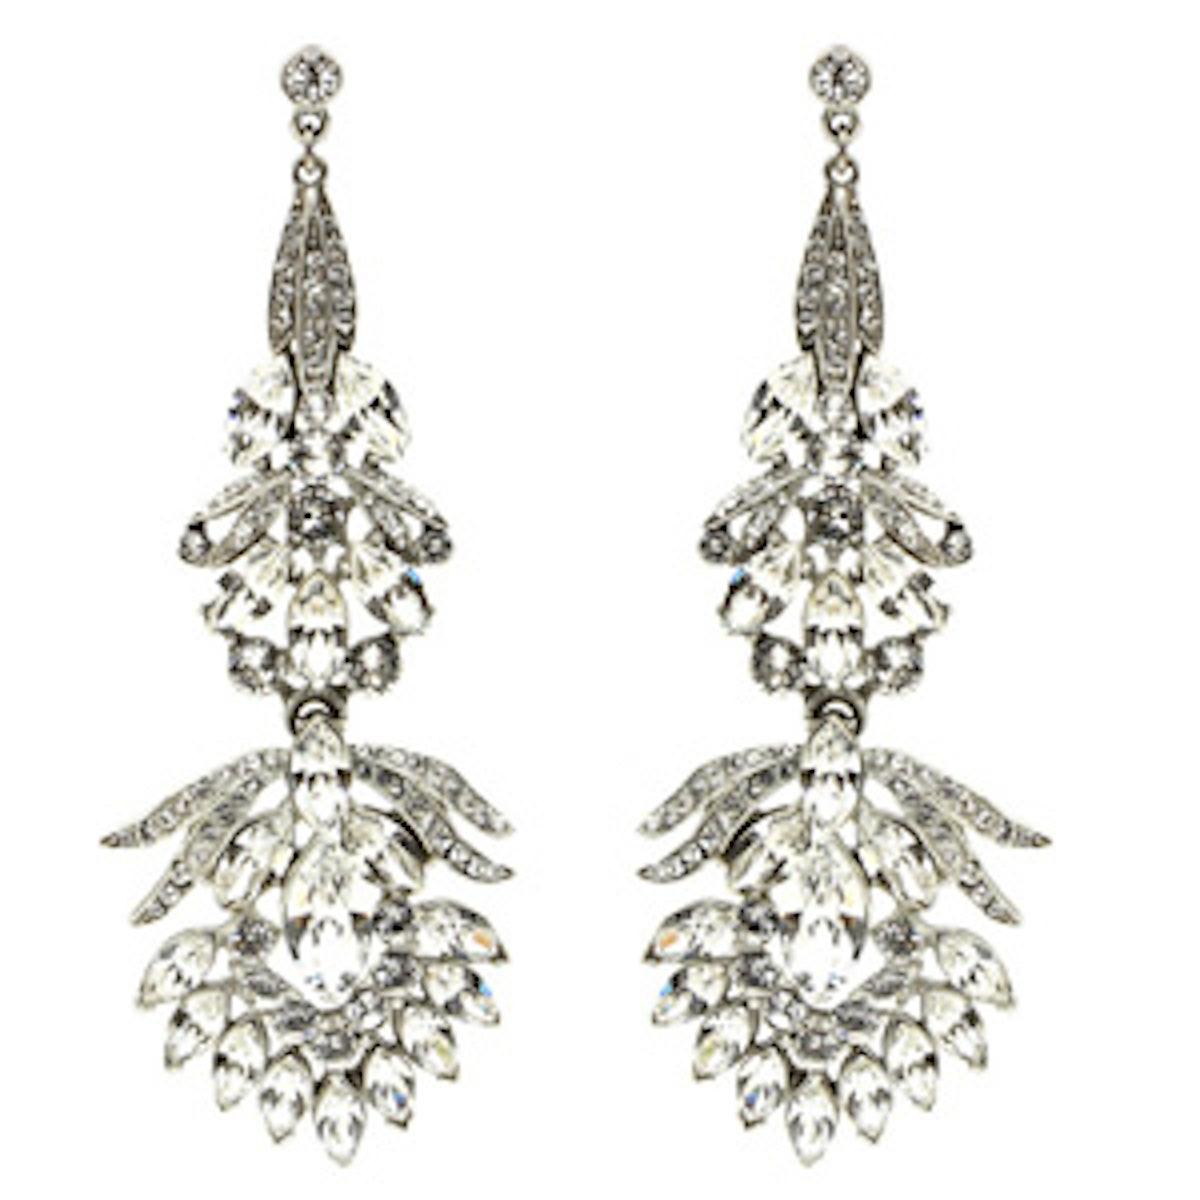 Floral Chandelier Drop Earrings